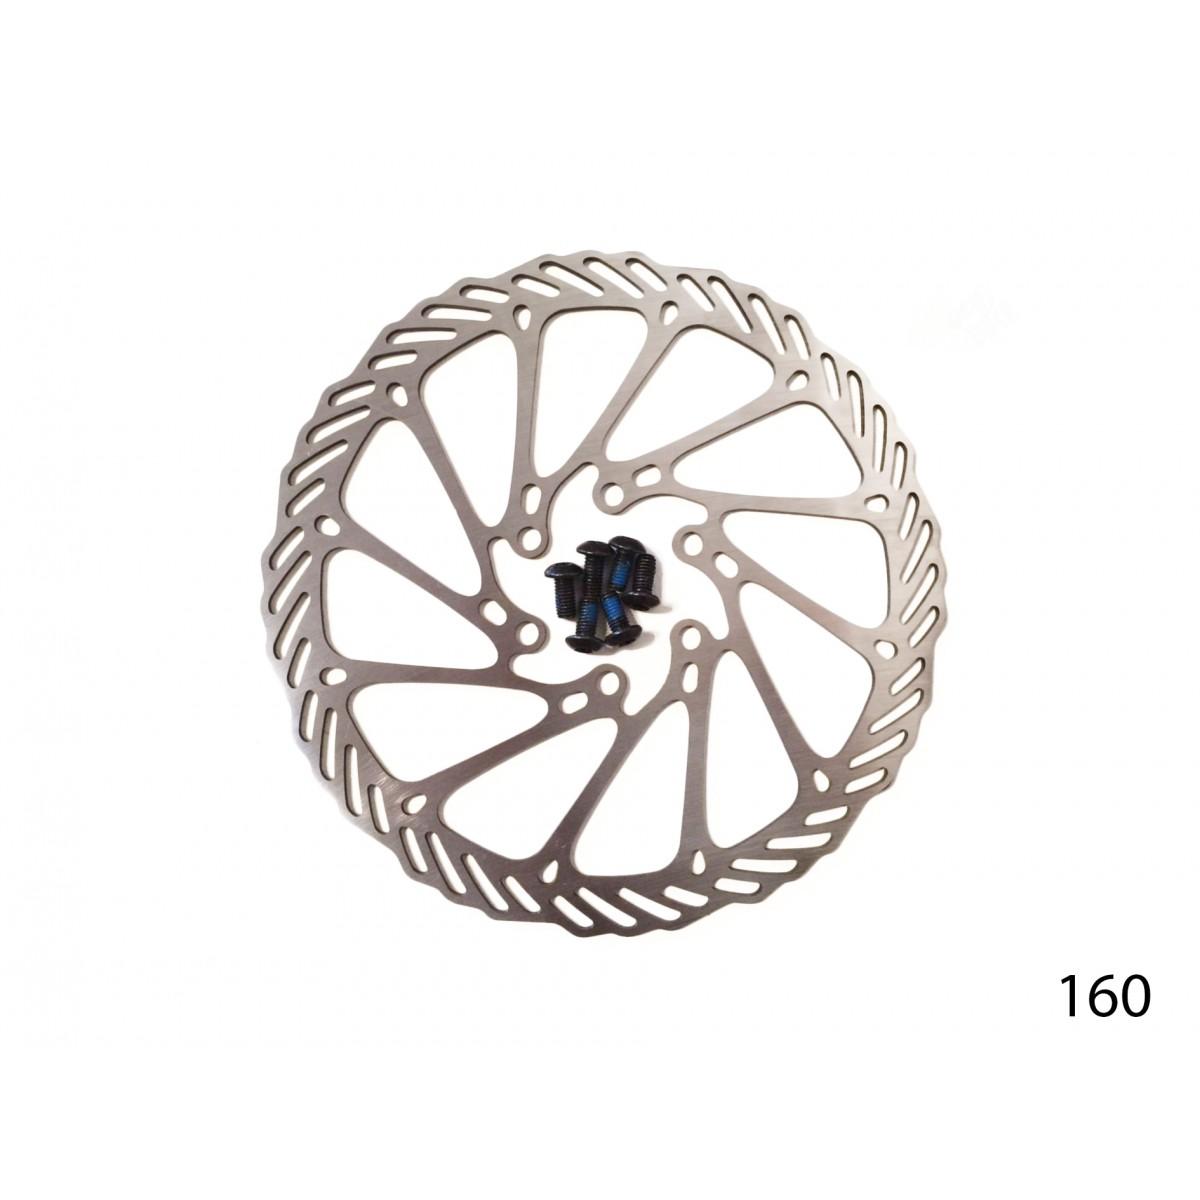 Disc STORM Vélo Frein Disque de frein MTB frein à disque Magura Avid Formula